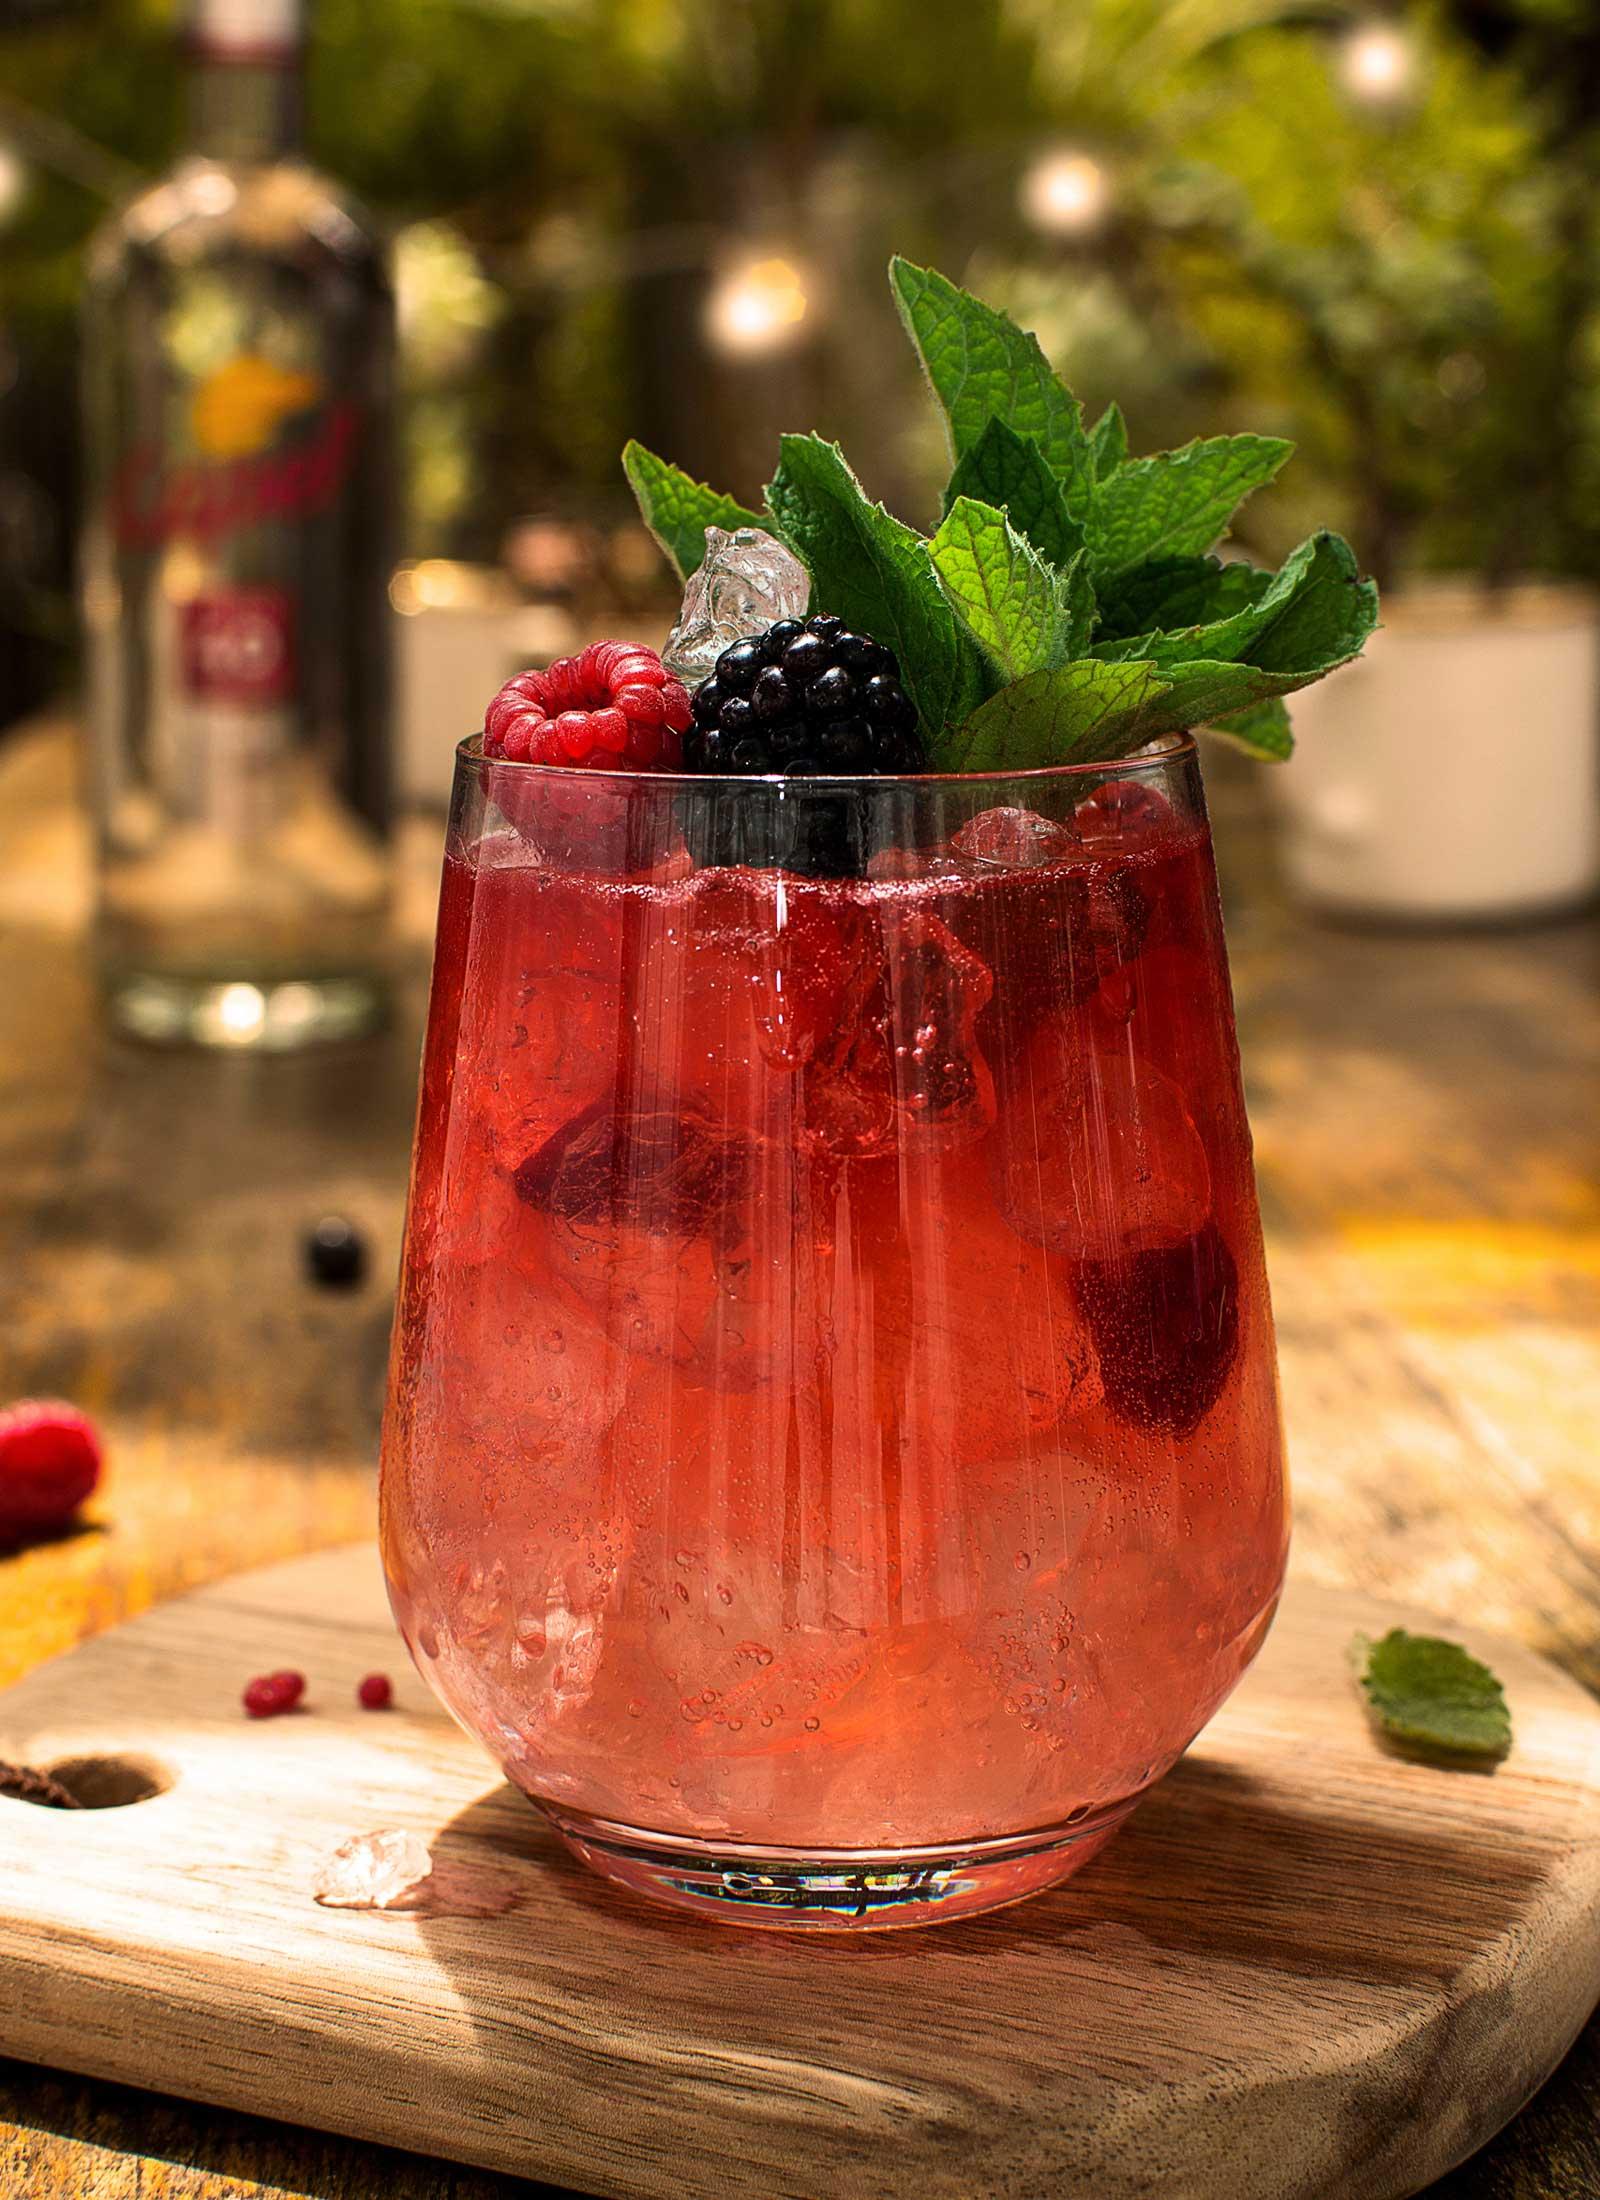 limonada-elqui-berries-capel-estudio-como